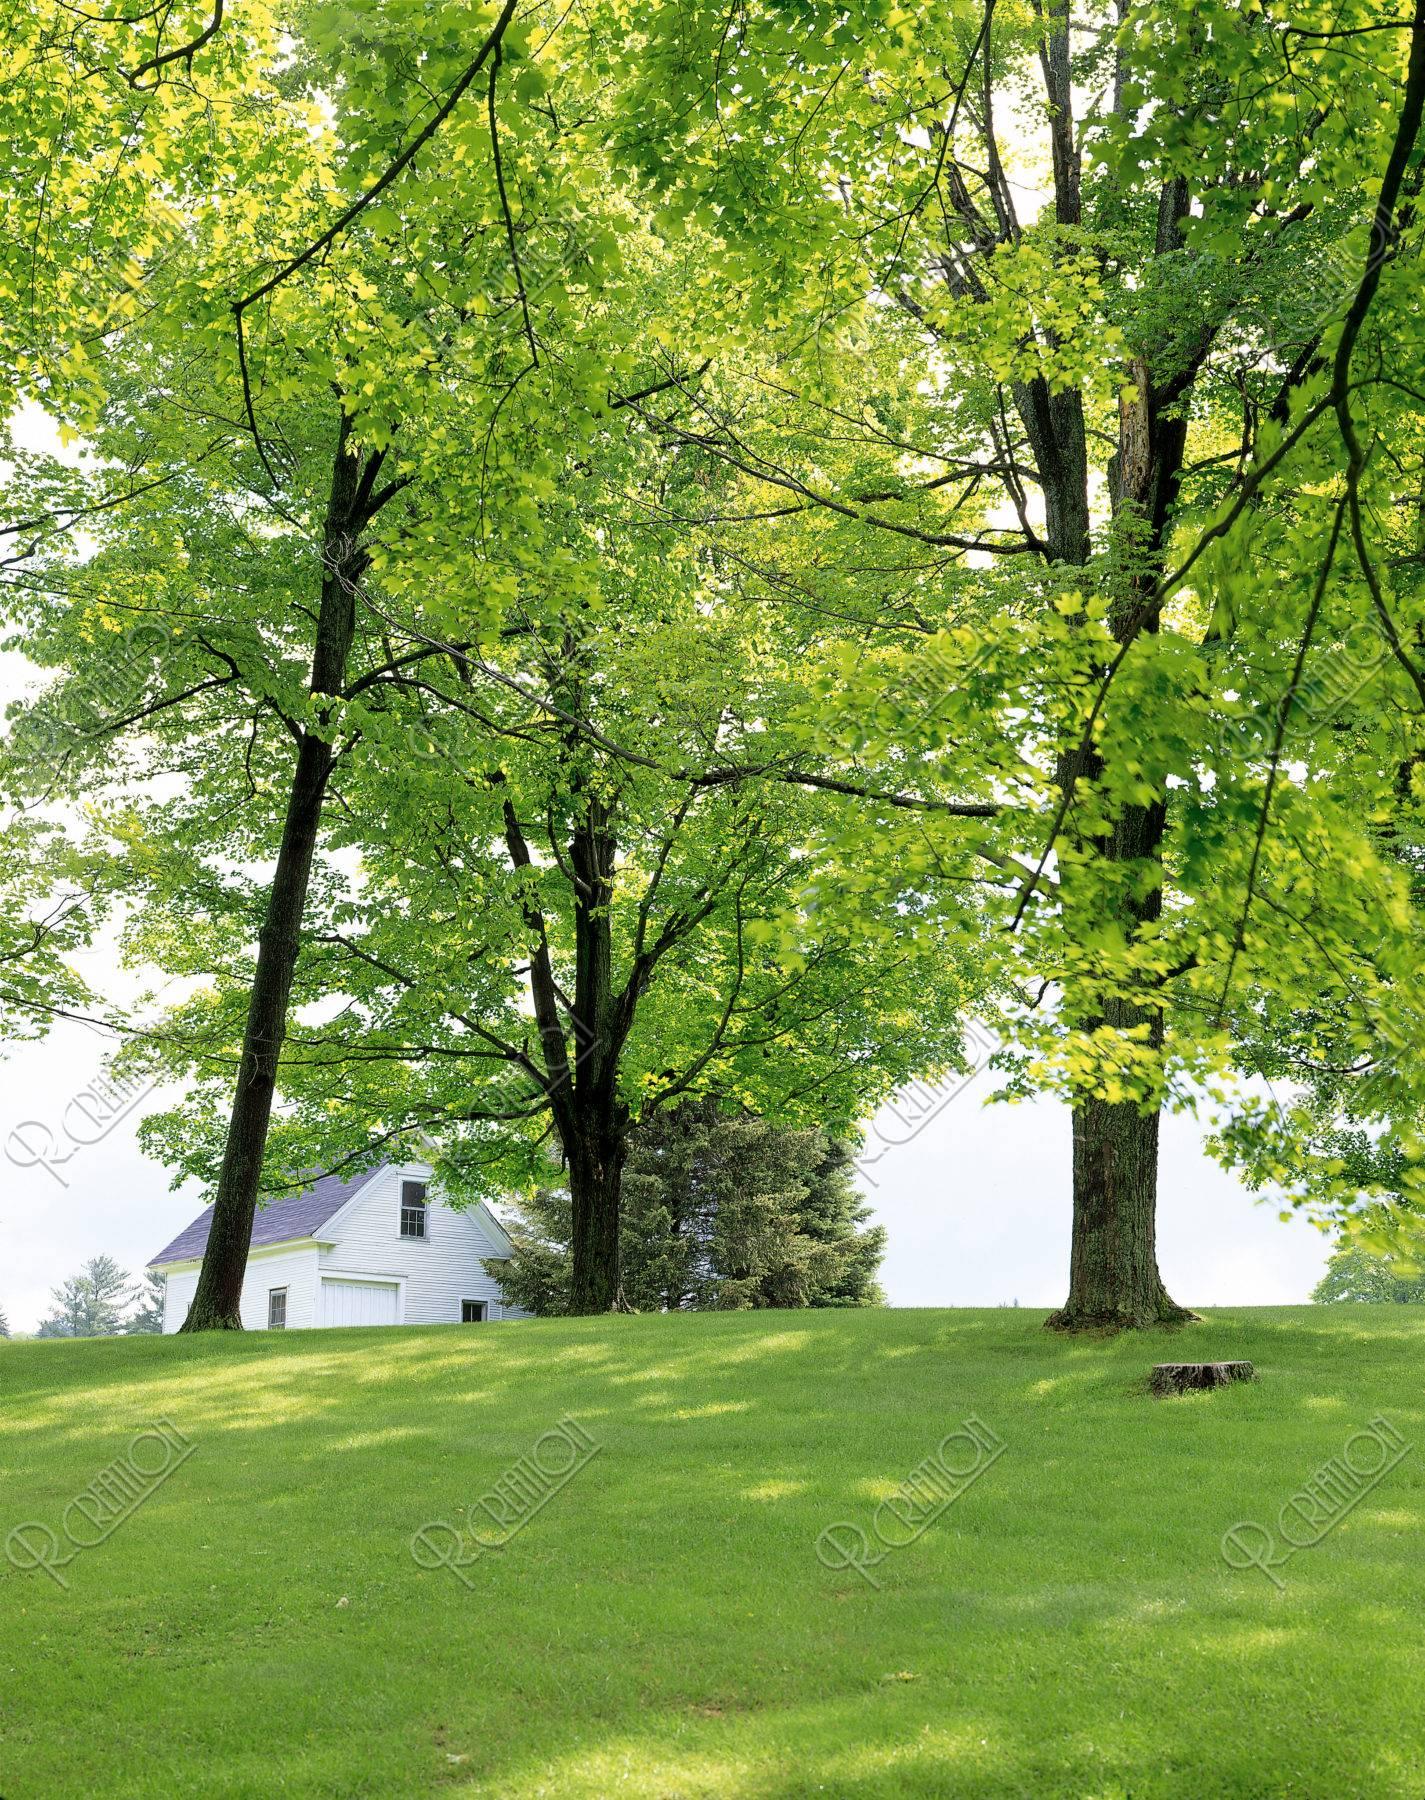 木立の上の家